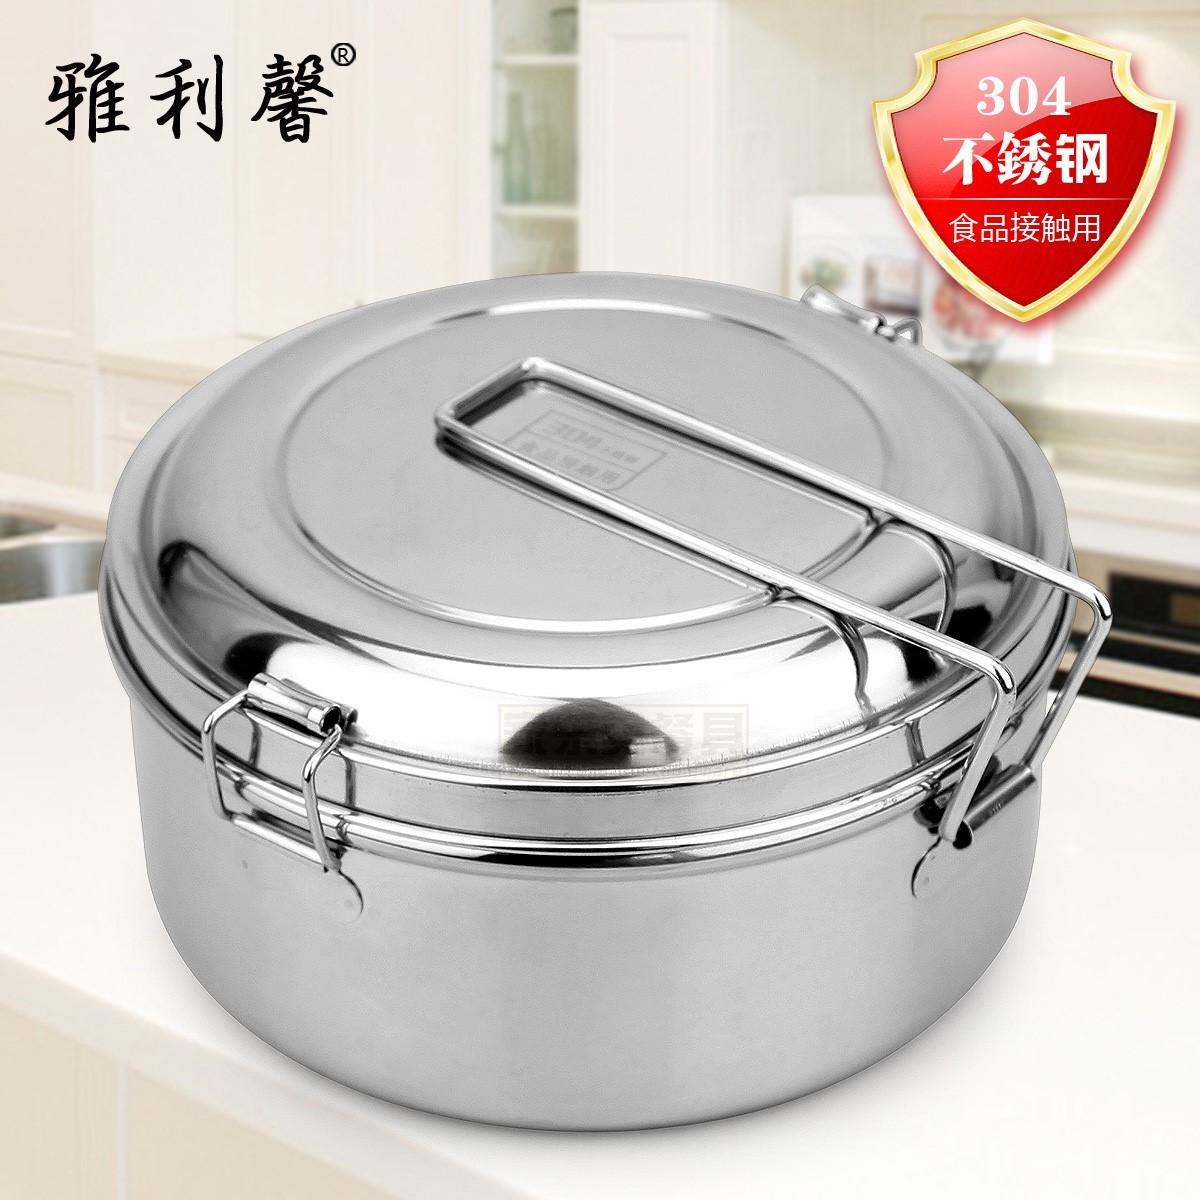 蒸饭 krabice s obědem v jídelně 304 z nerezavějící oceli s jídlo válec dospělých studentů k mání kolonka železa k obědu, kryjte se